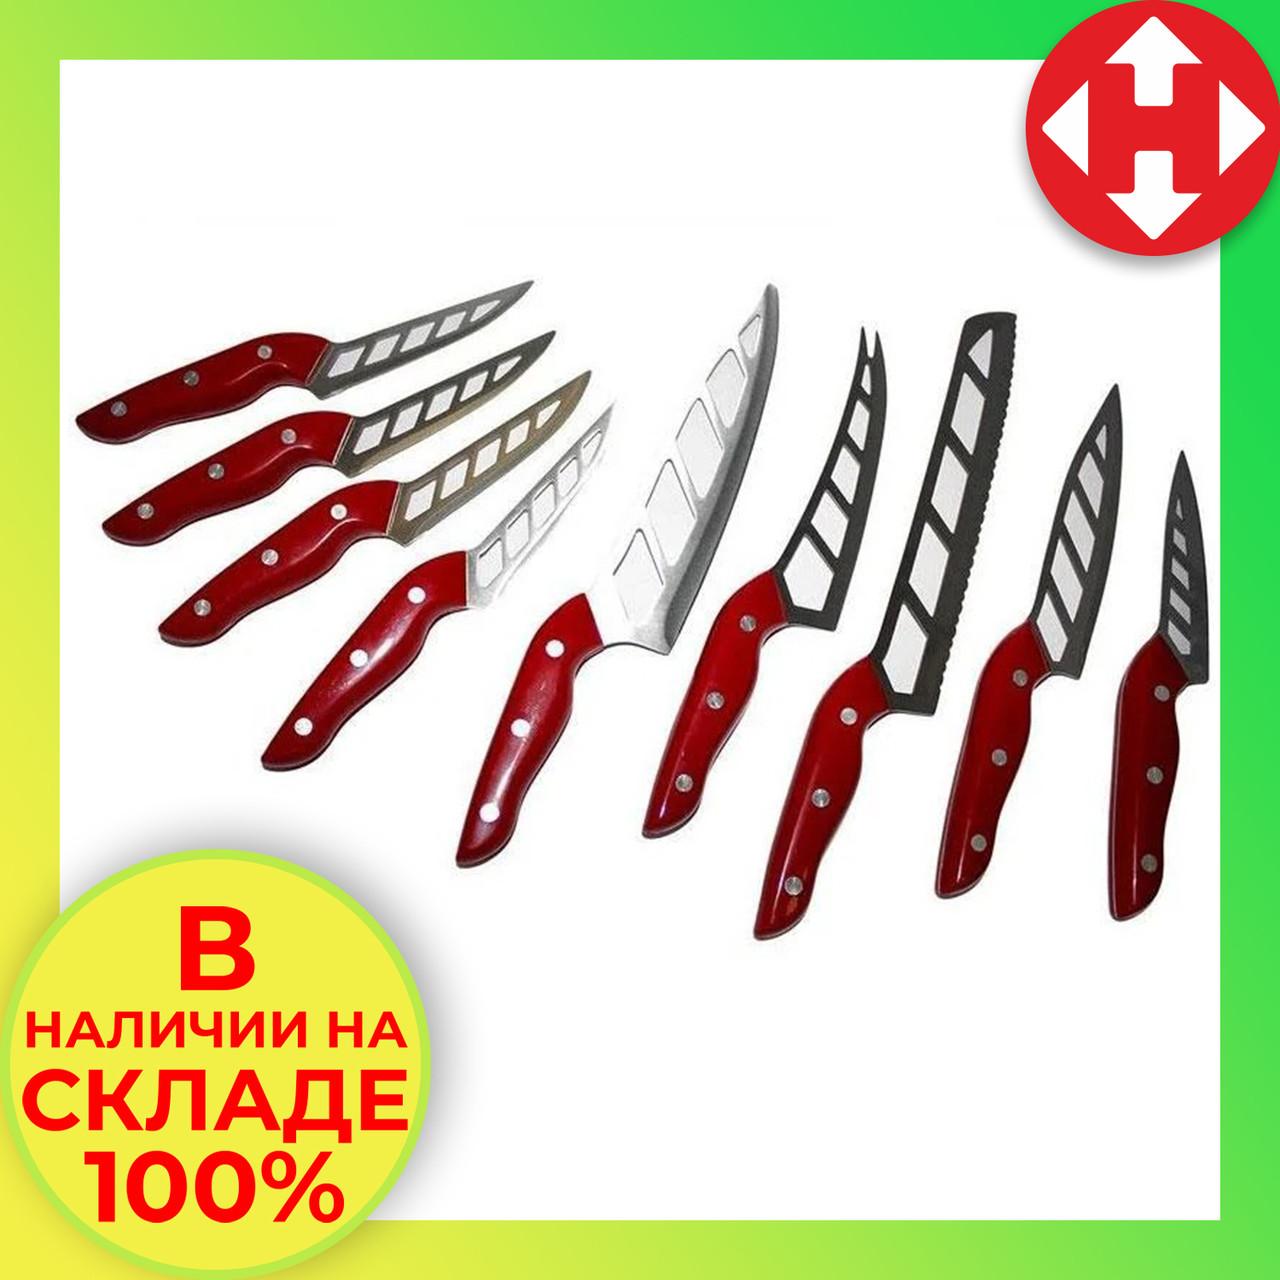 Распродажа! Набор аэроножей, Aero Knives set, профессиональные кухонные ножи, (9 ножей/уп.)